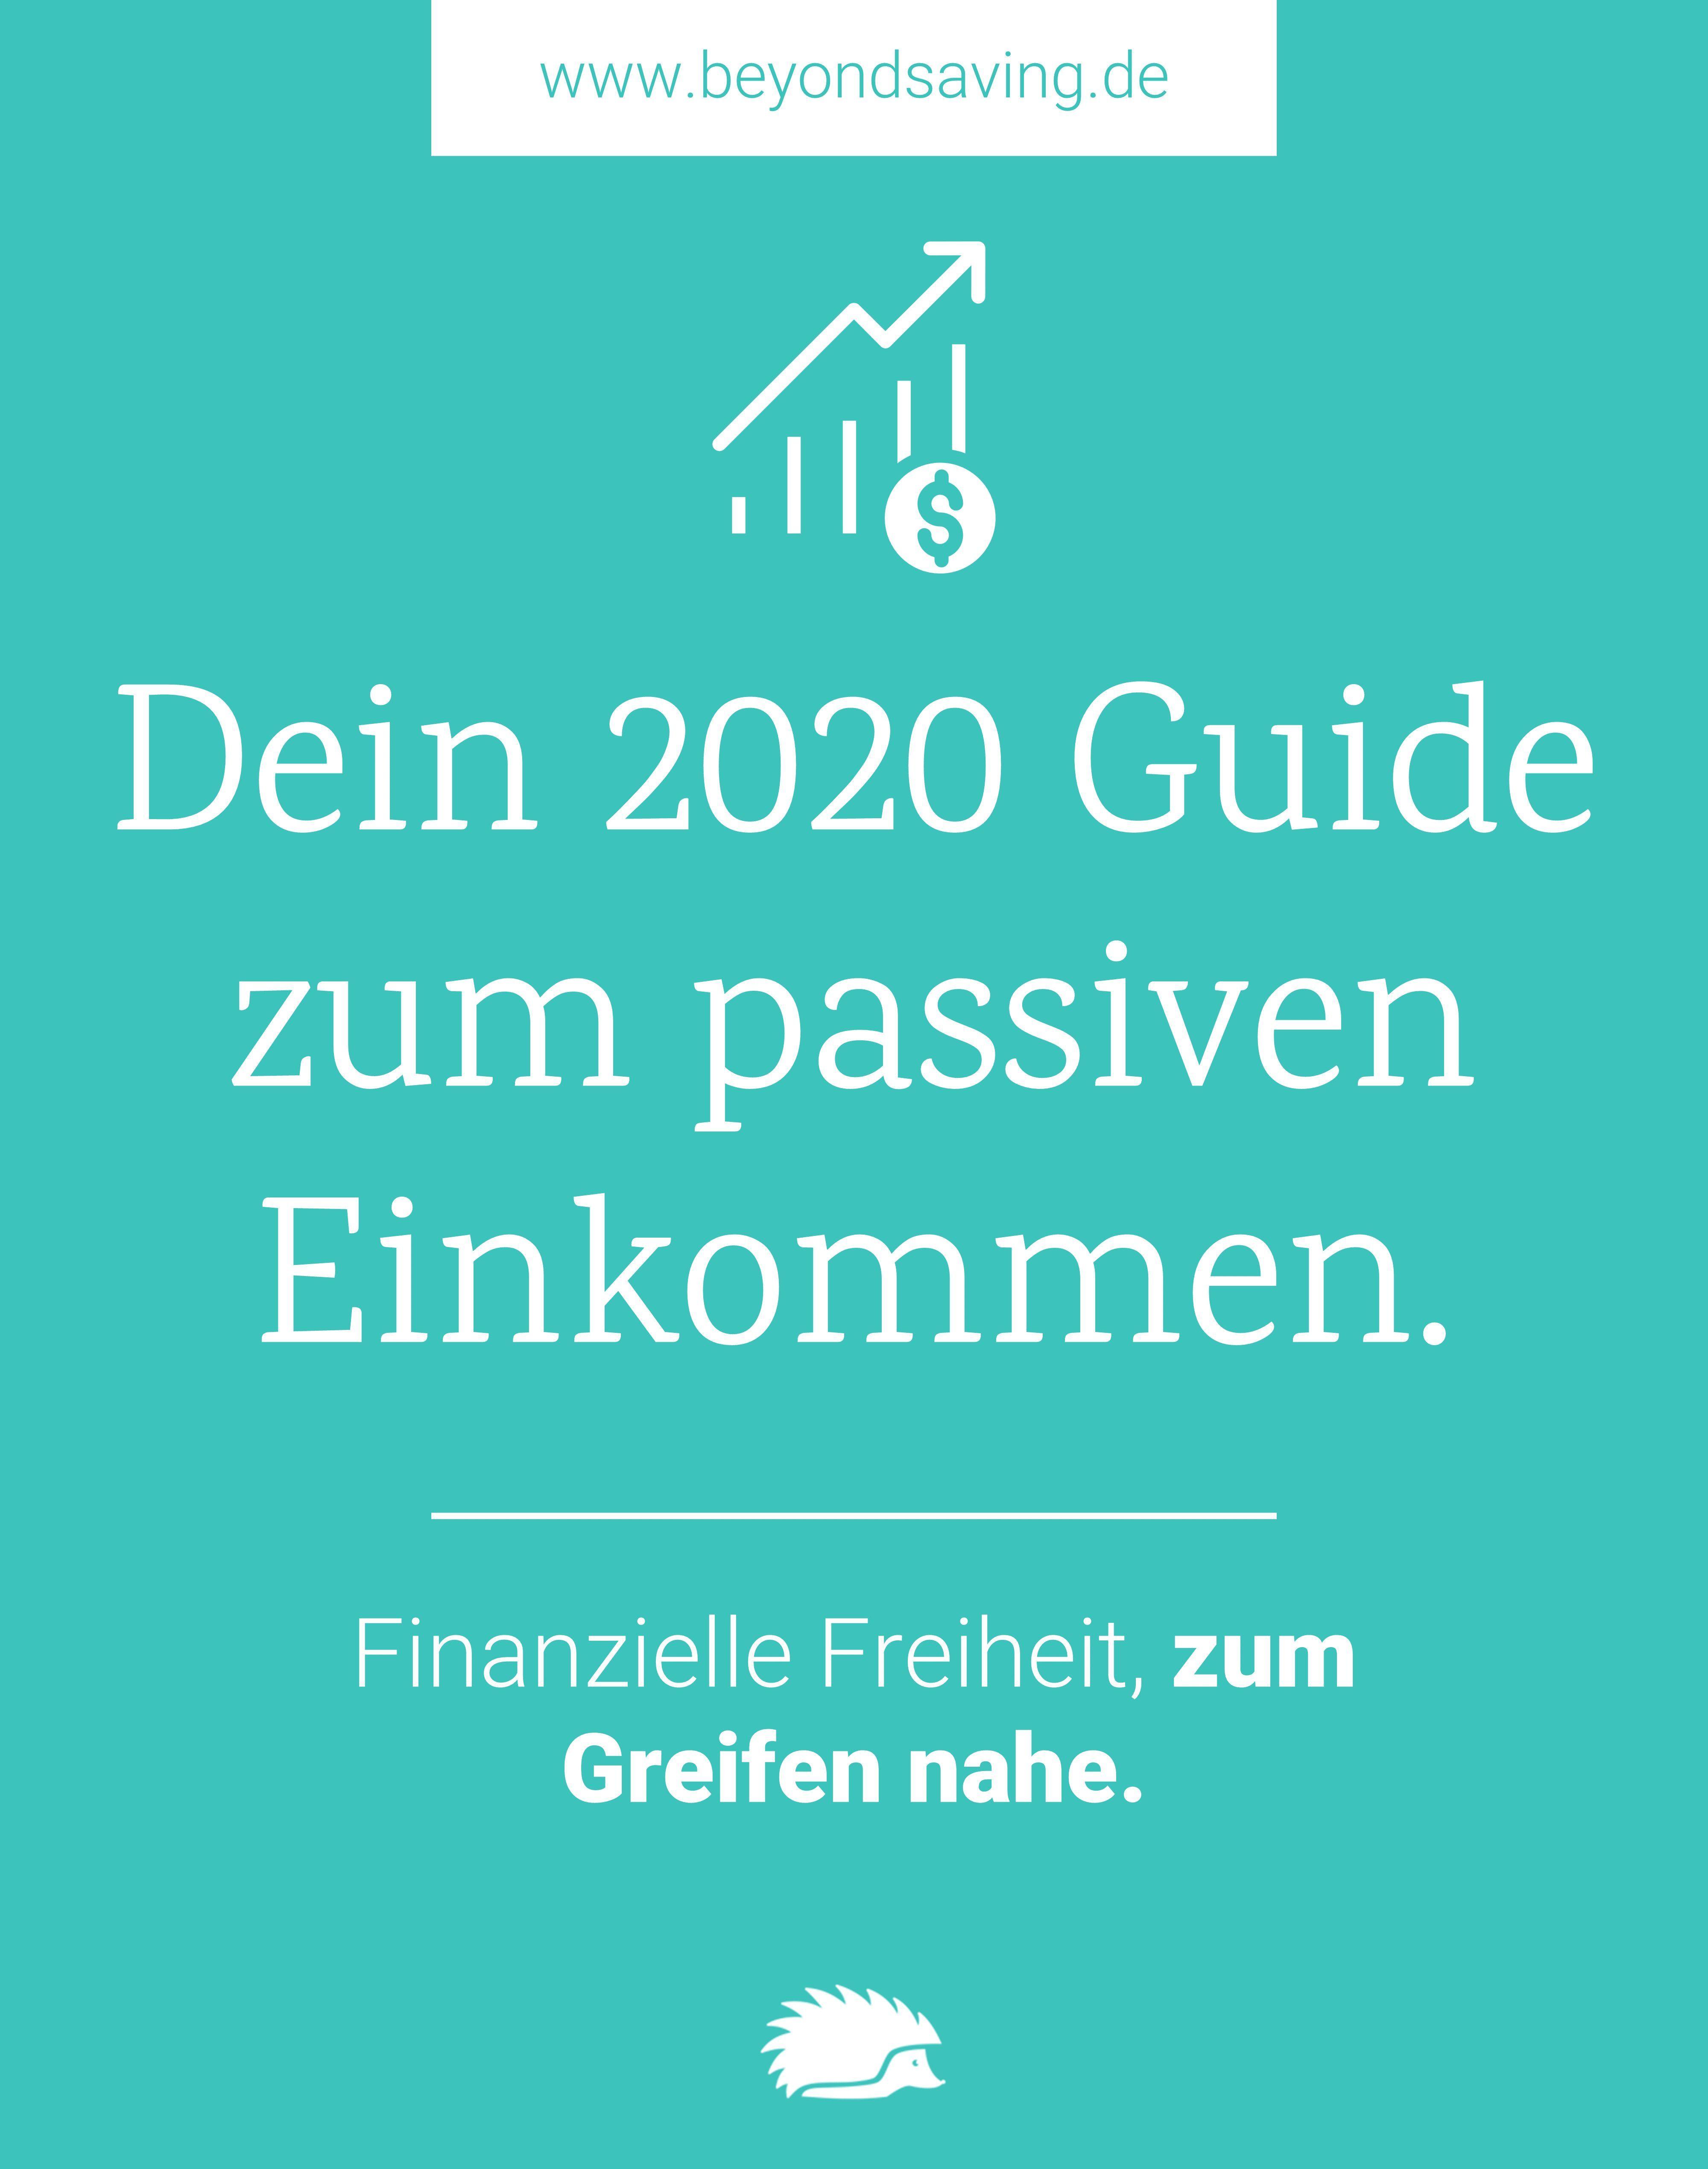 Passives Einkommen Aufbauen 33 Seriose Tipps 2020 In 2020 Passives Einkommen Haushaltsbuch Fuhren Finanzen